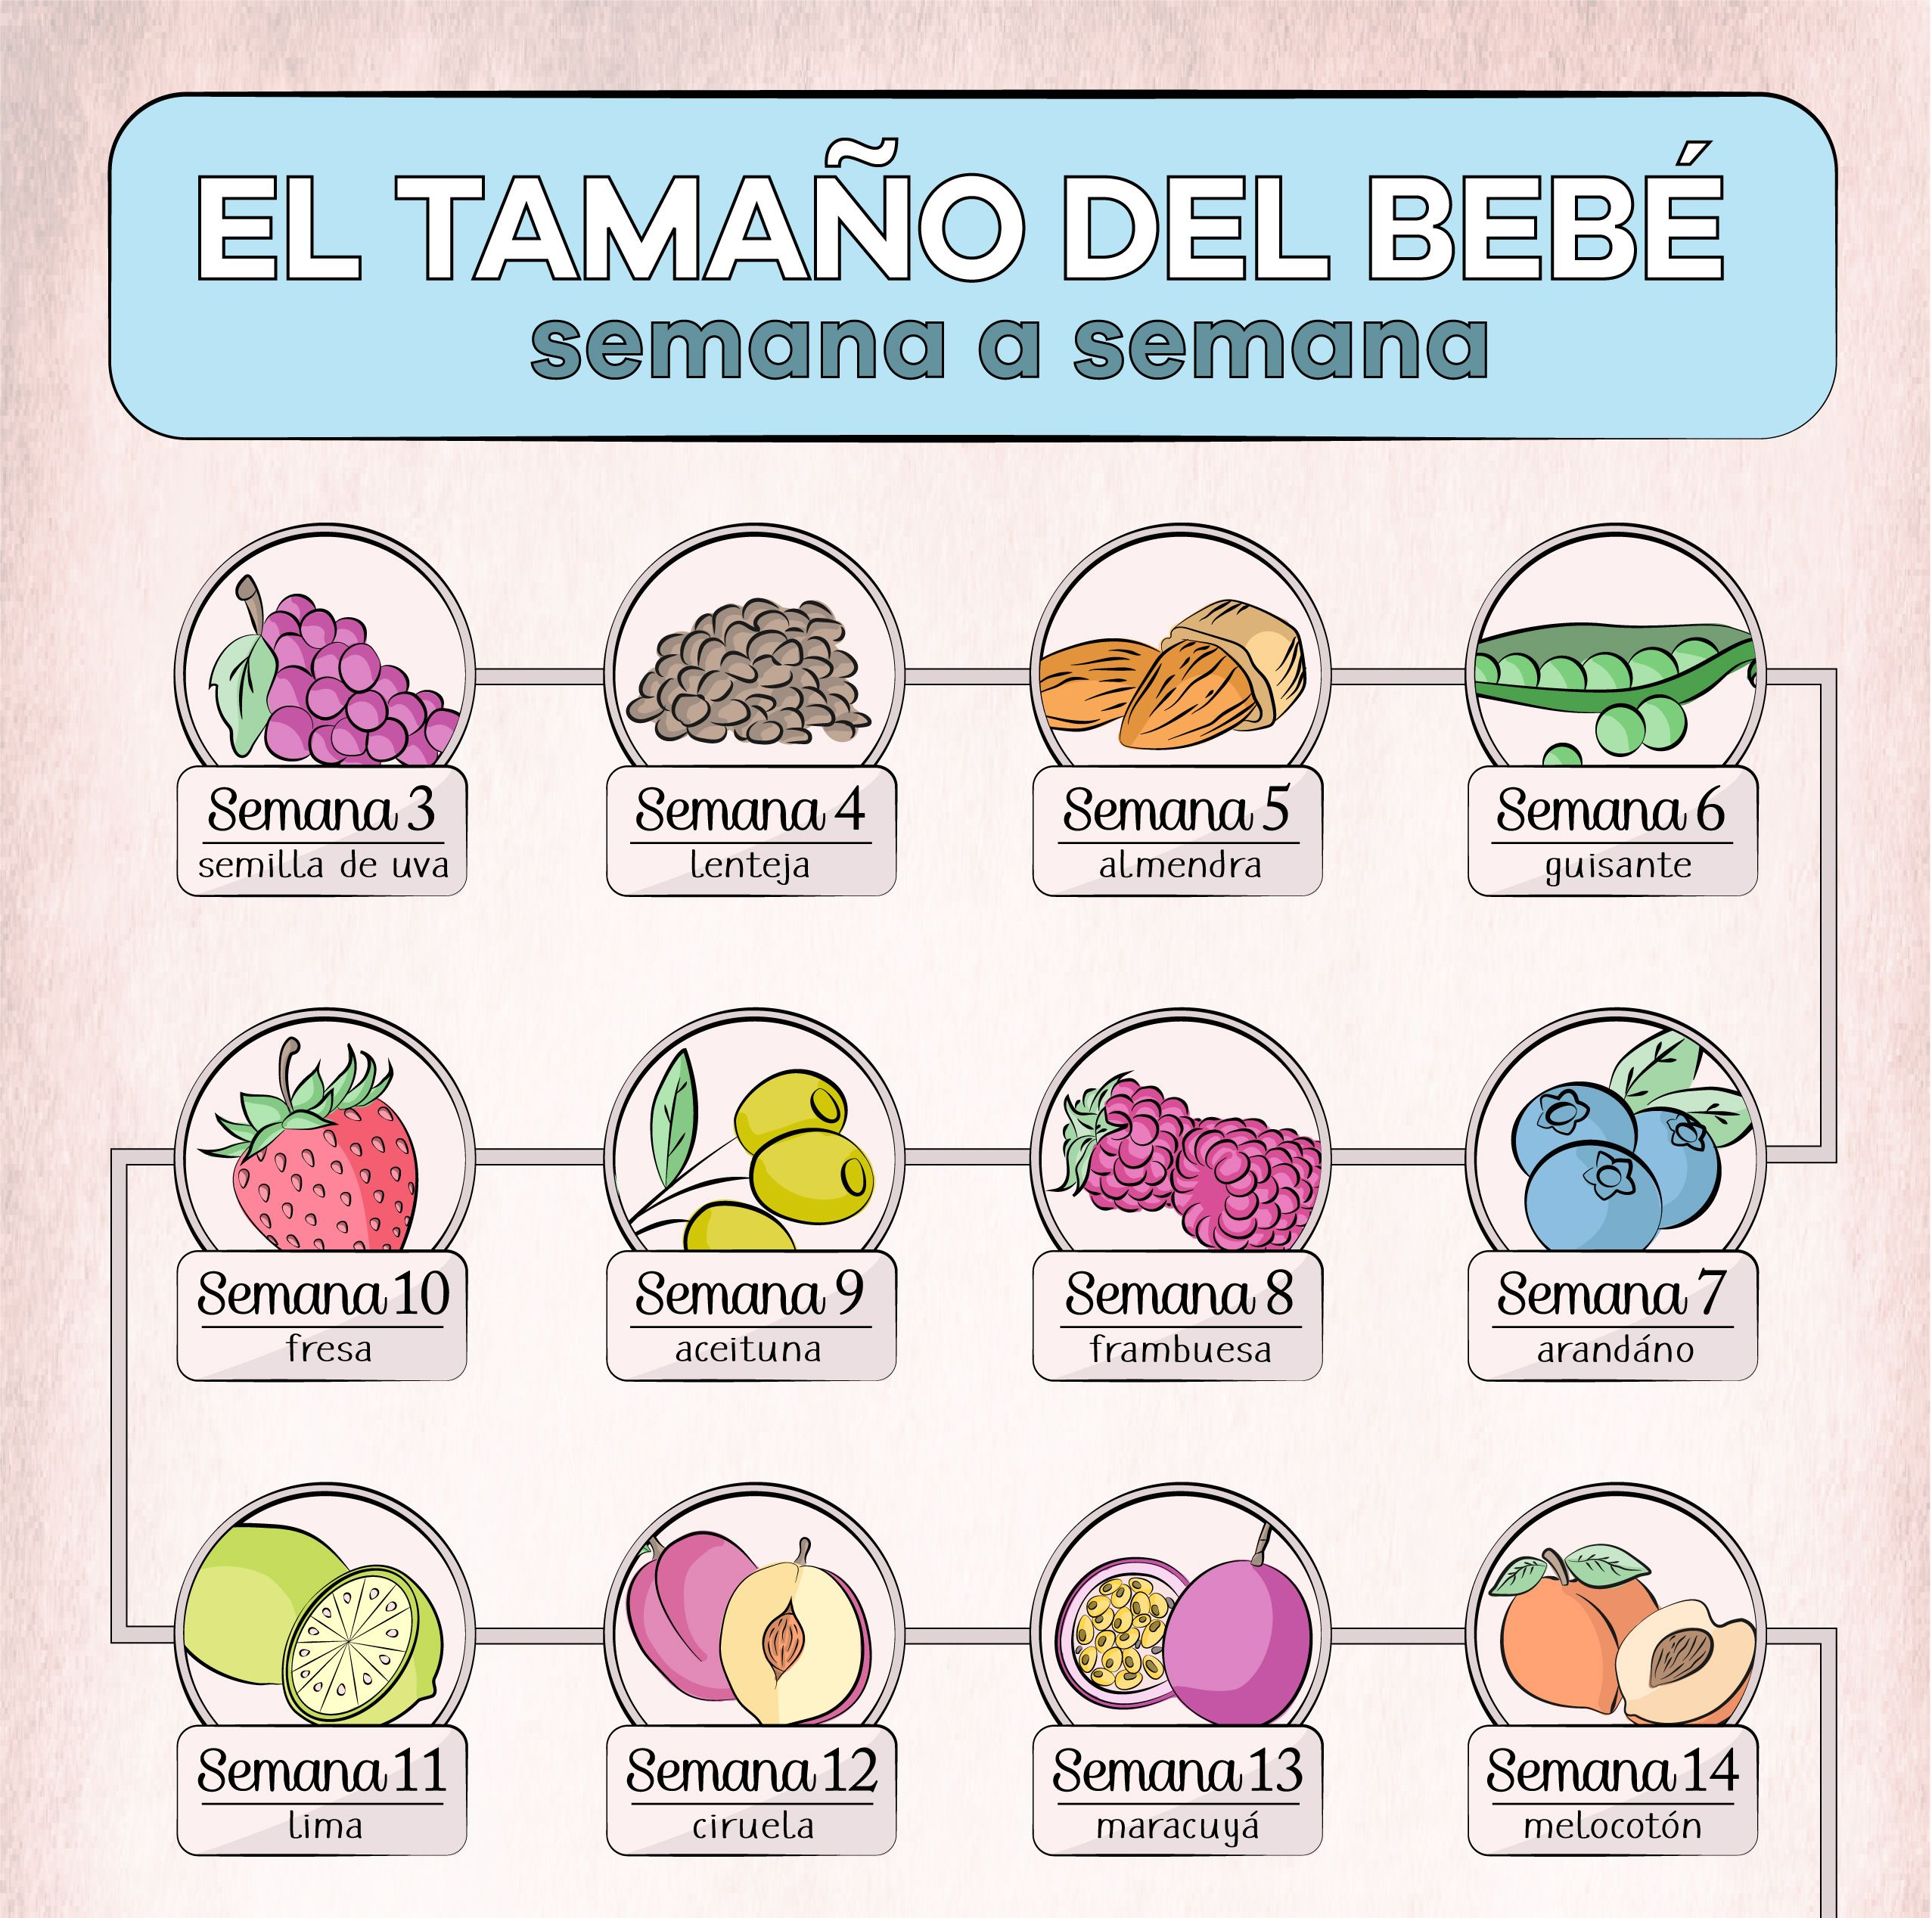 Infografia El Tamano Del Bebe Semana A Semana Contiene Toda La